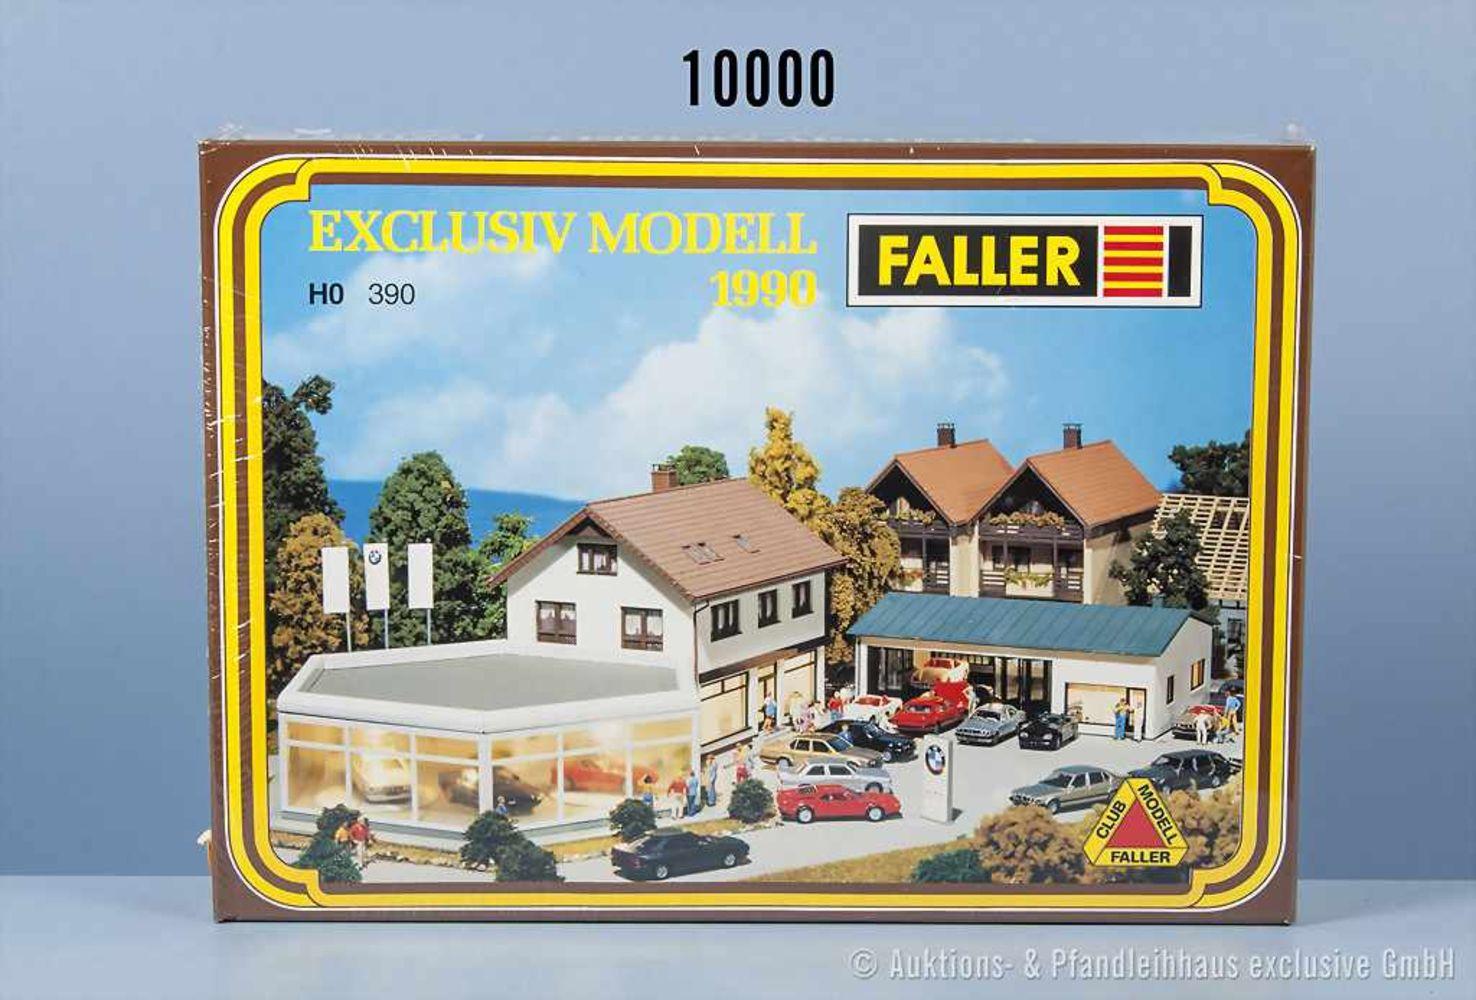 128. Wormser Spielzeug Auktion